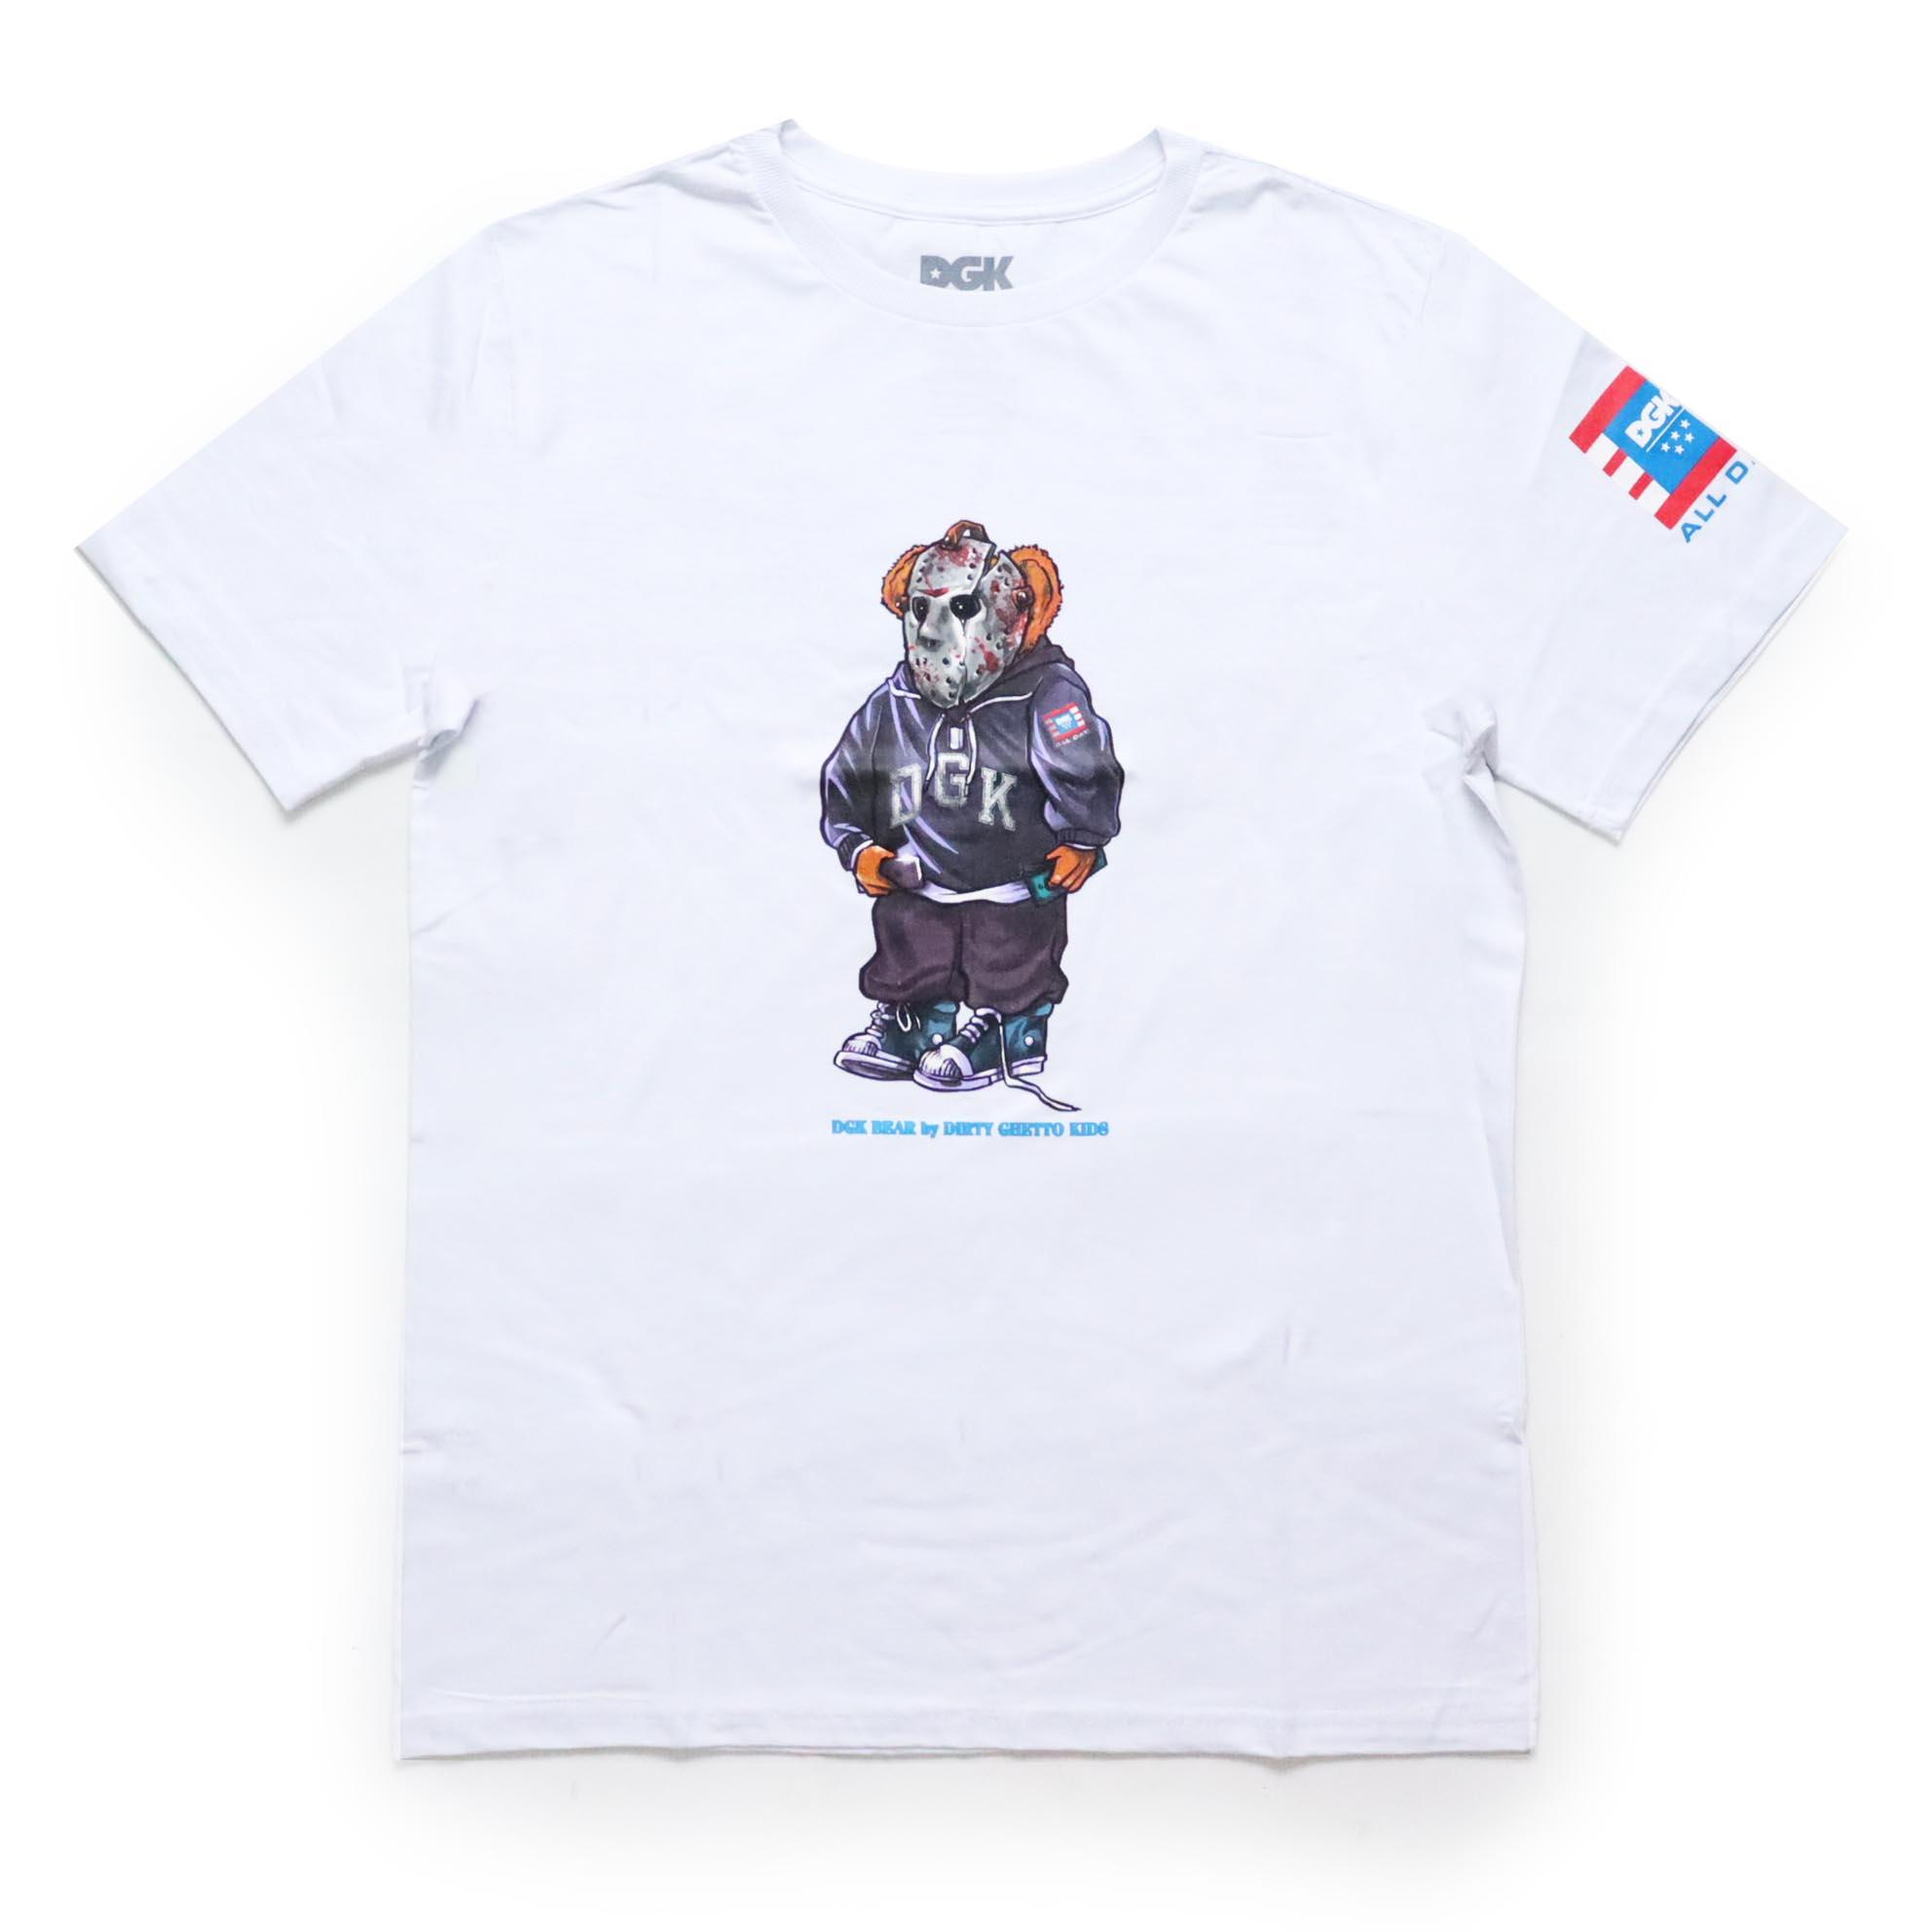 Camiseta DGK The Plung - Branco